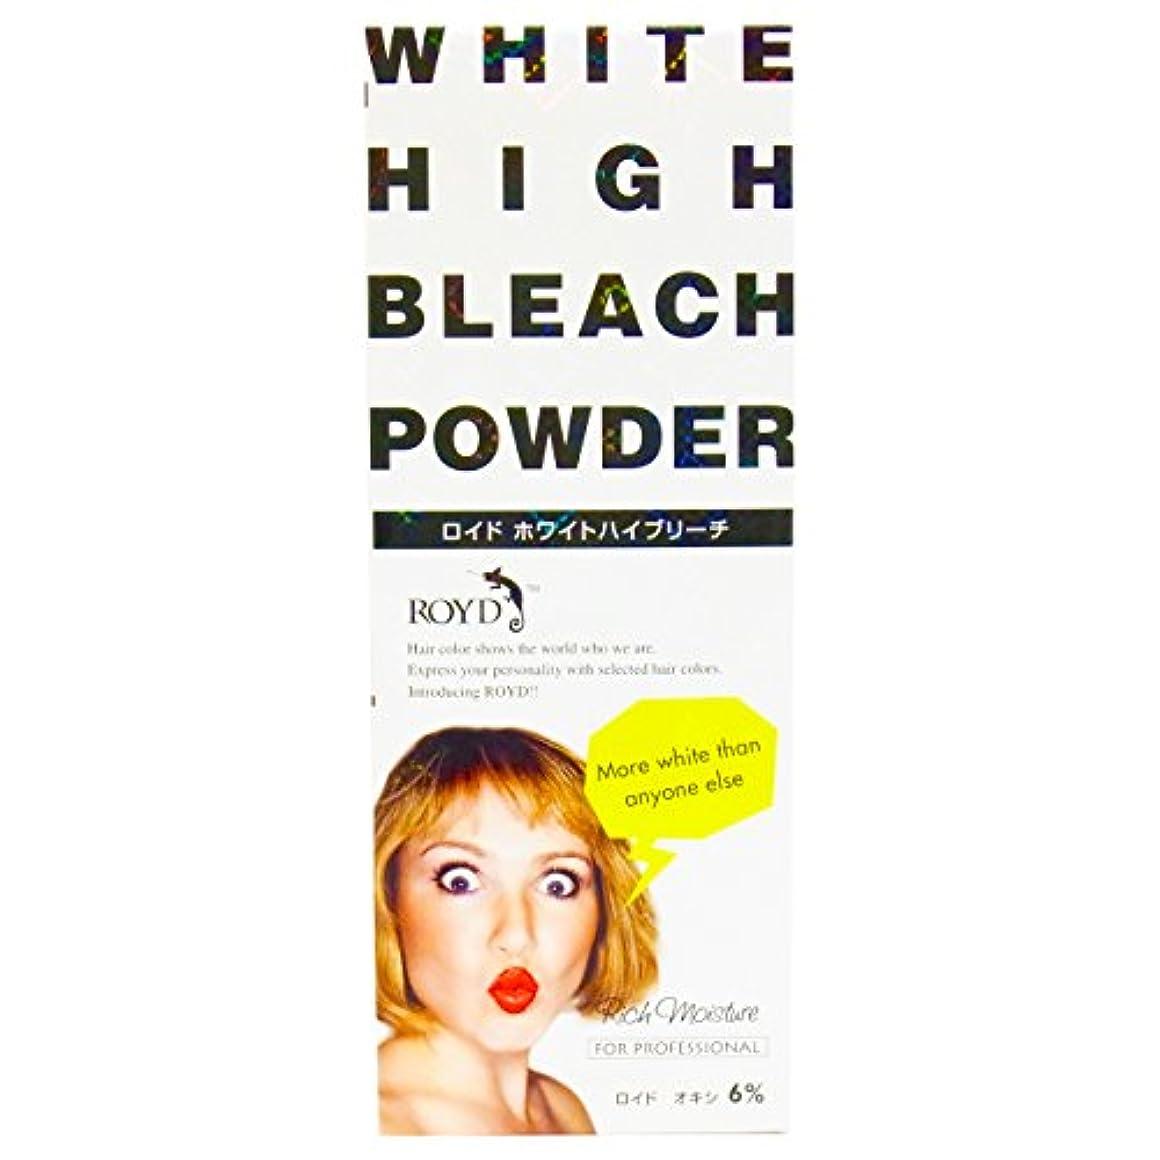 彼女望むマンハッタンロイド ホワイトハイブリーチパウダー & ロイドオキシ 6% (30g + 90mL)